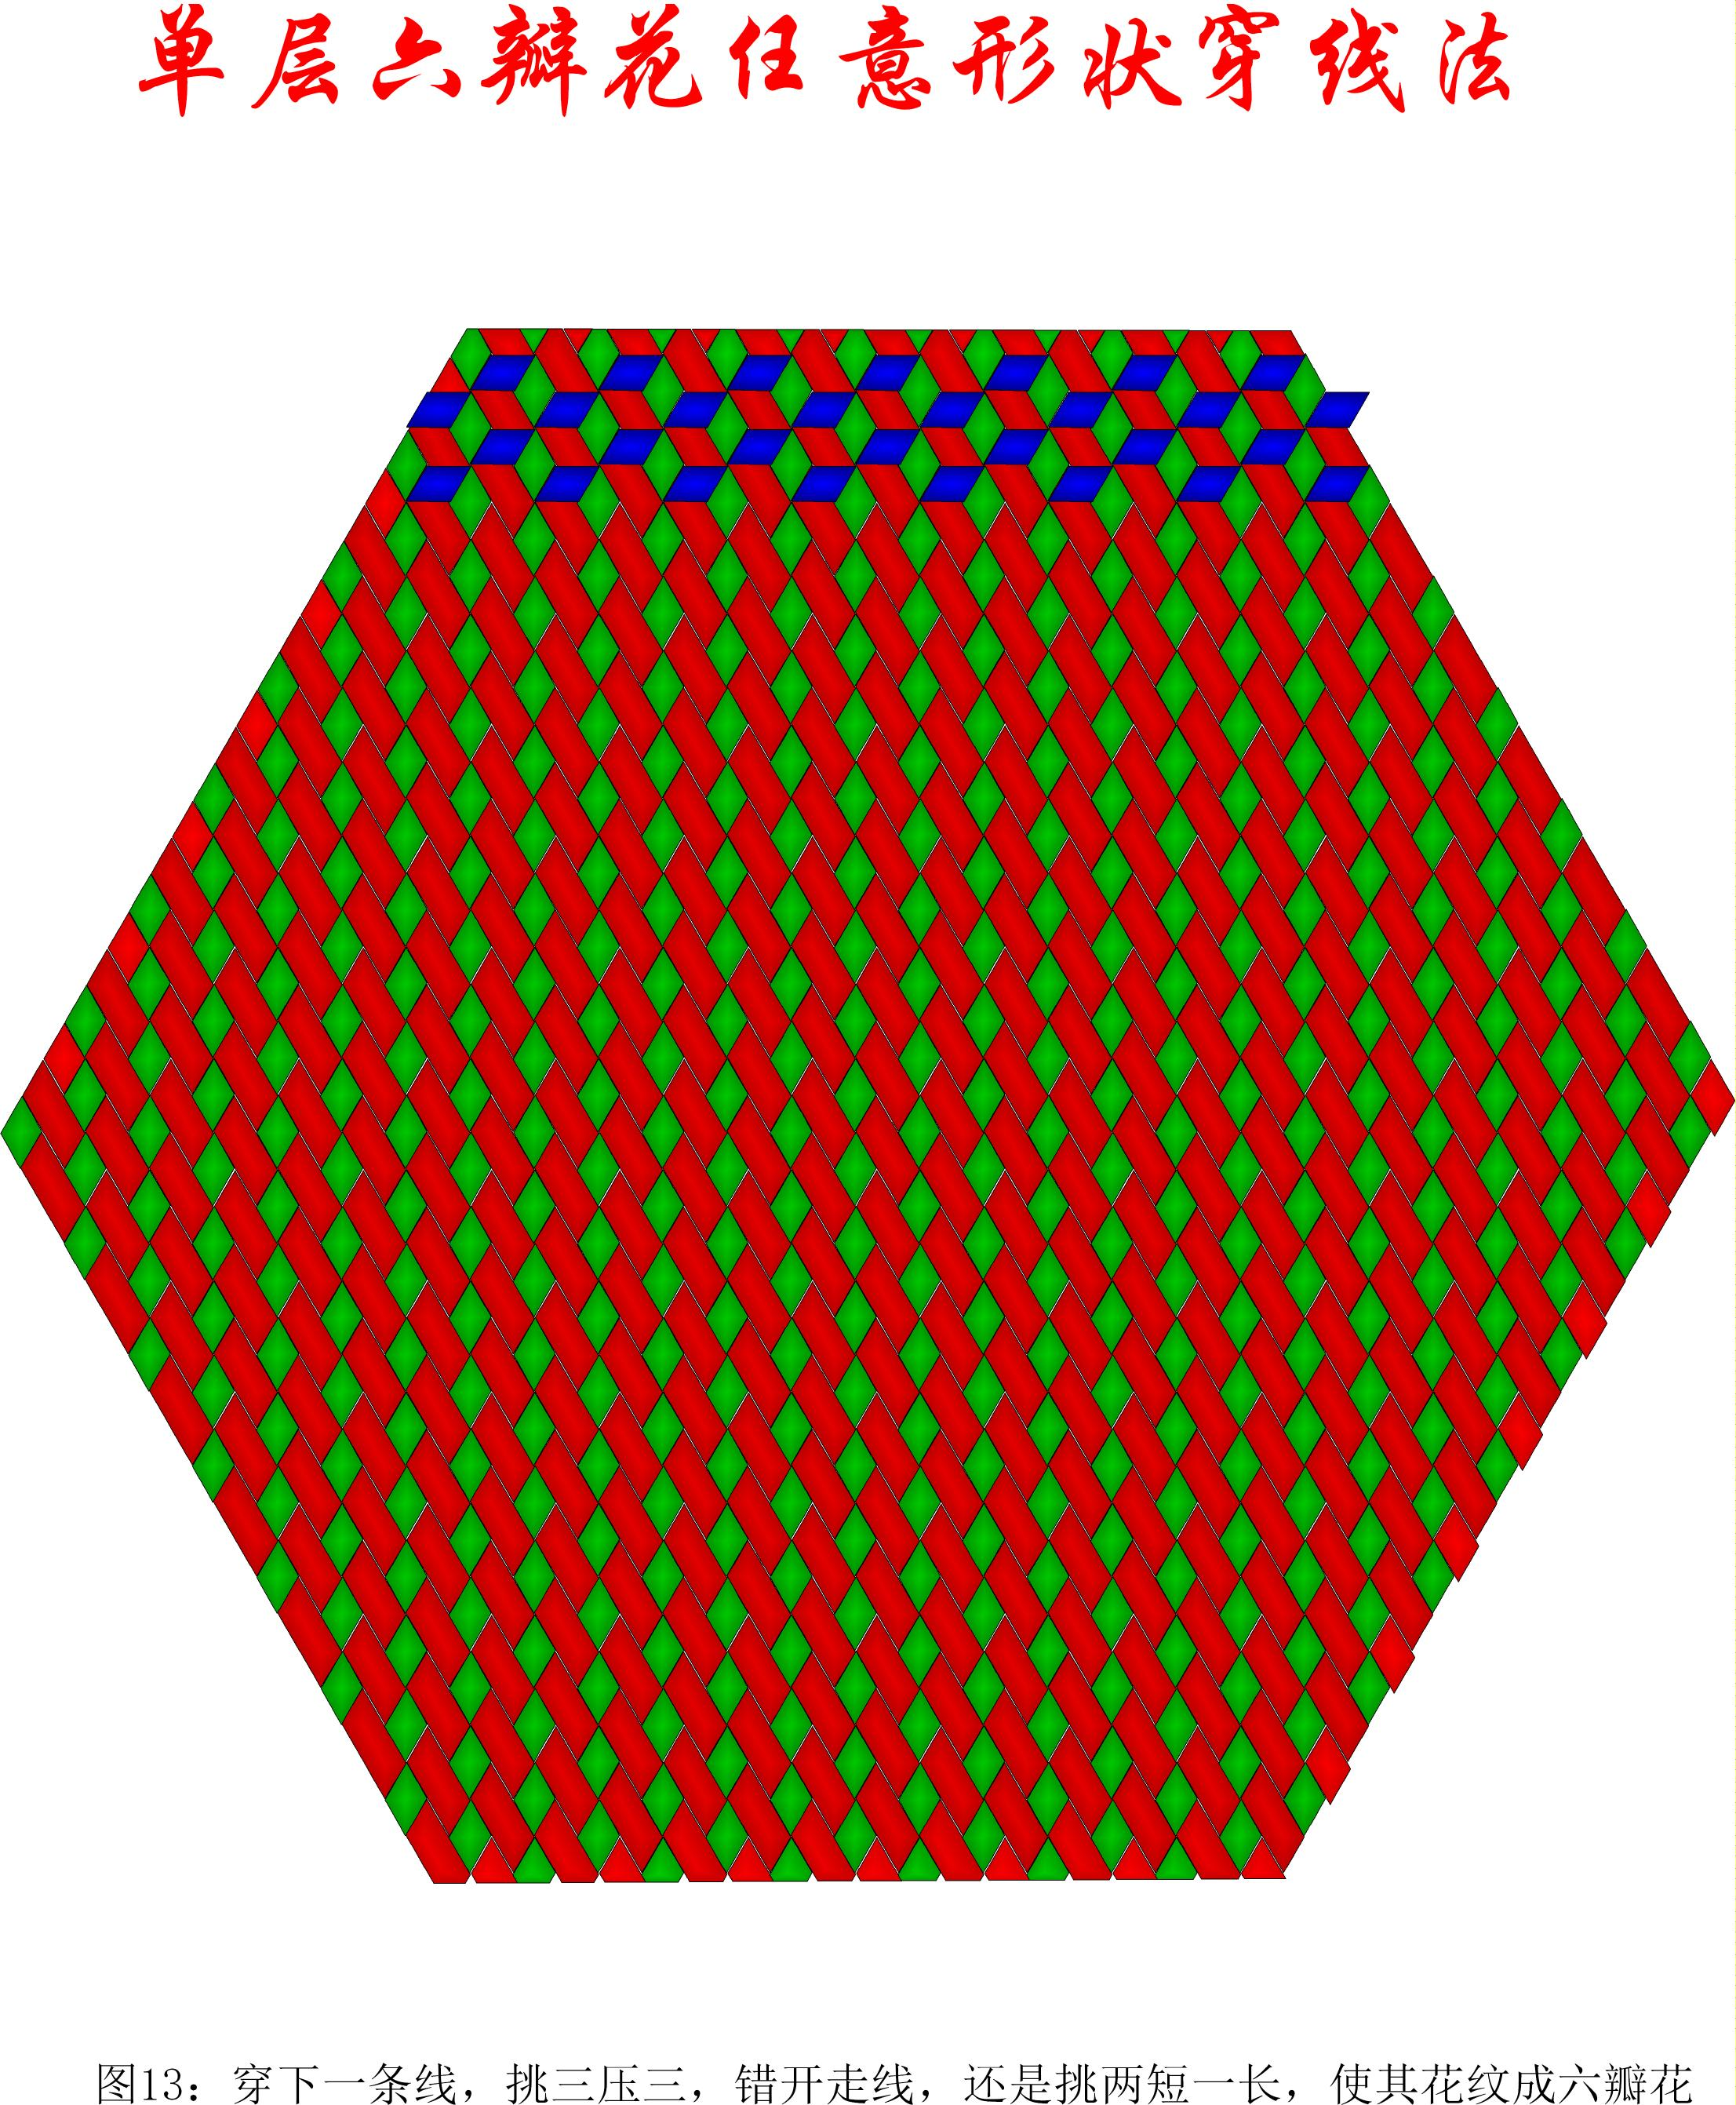 中国结论坛 单层叠压六瓣花任意形状穿线方法 1264,盘长结 丑丑徒手编结 200906y2iuf4hlqm41wfvj